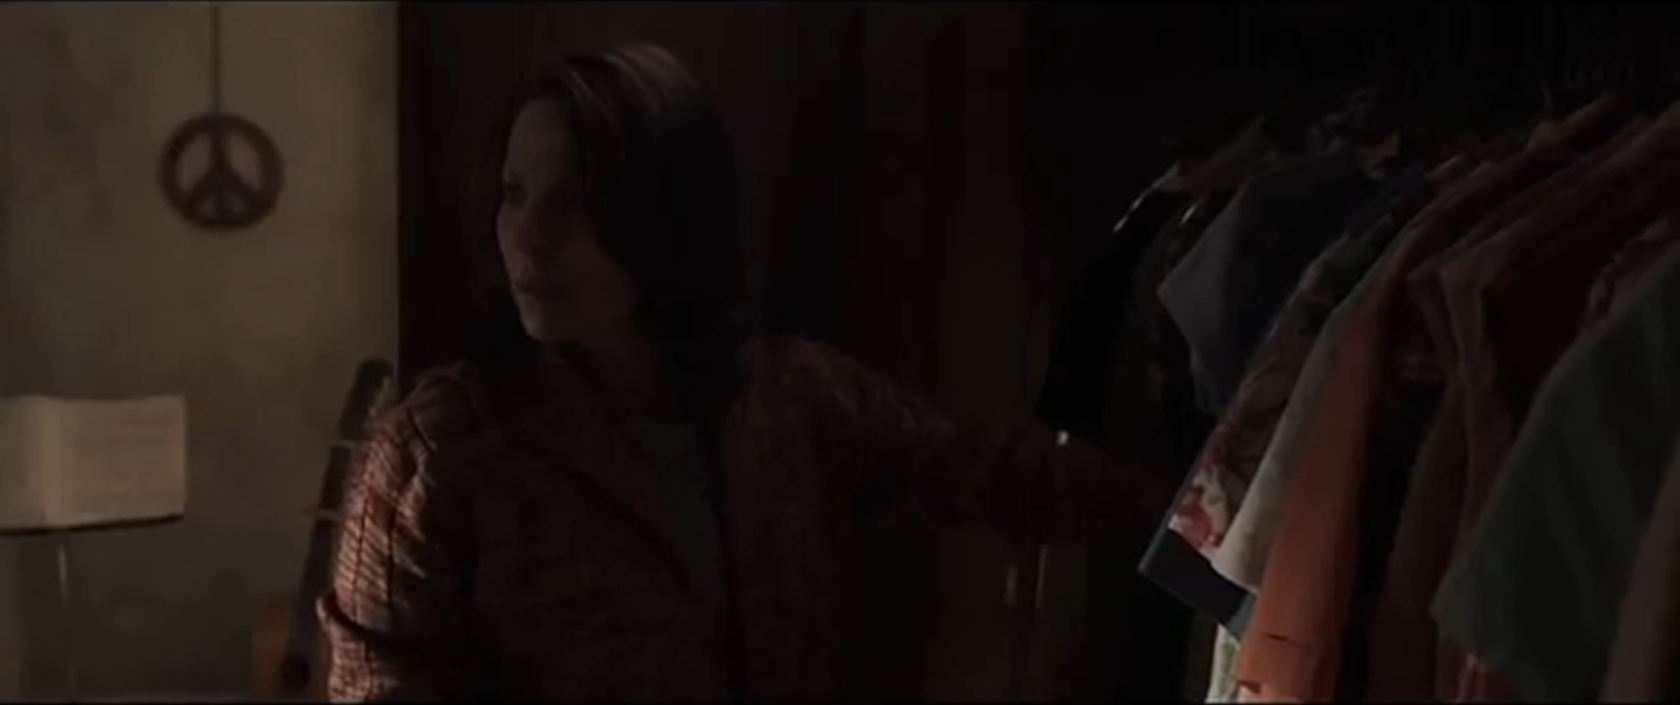 Смотреть фильмы онлайн мажор 2 сезон 3